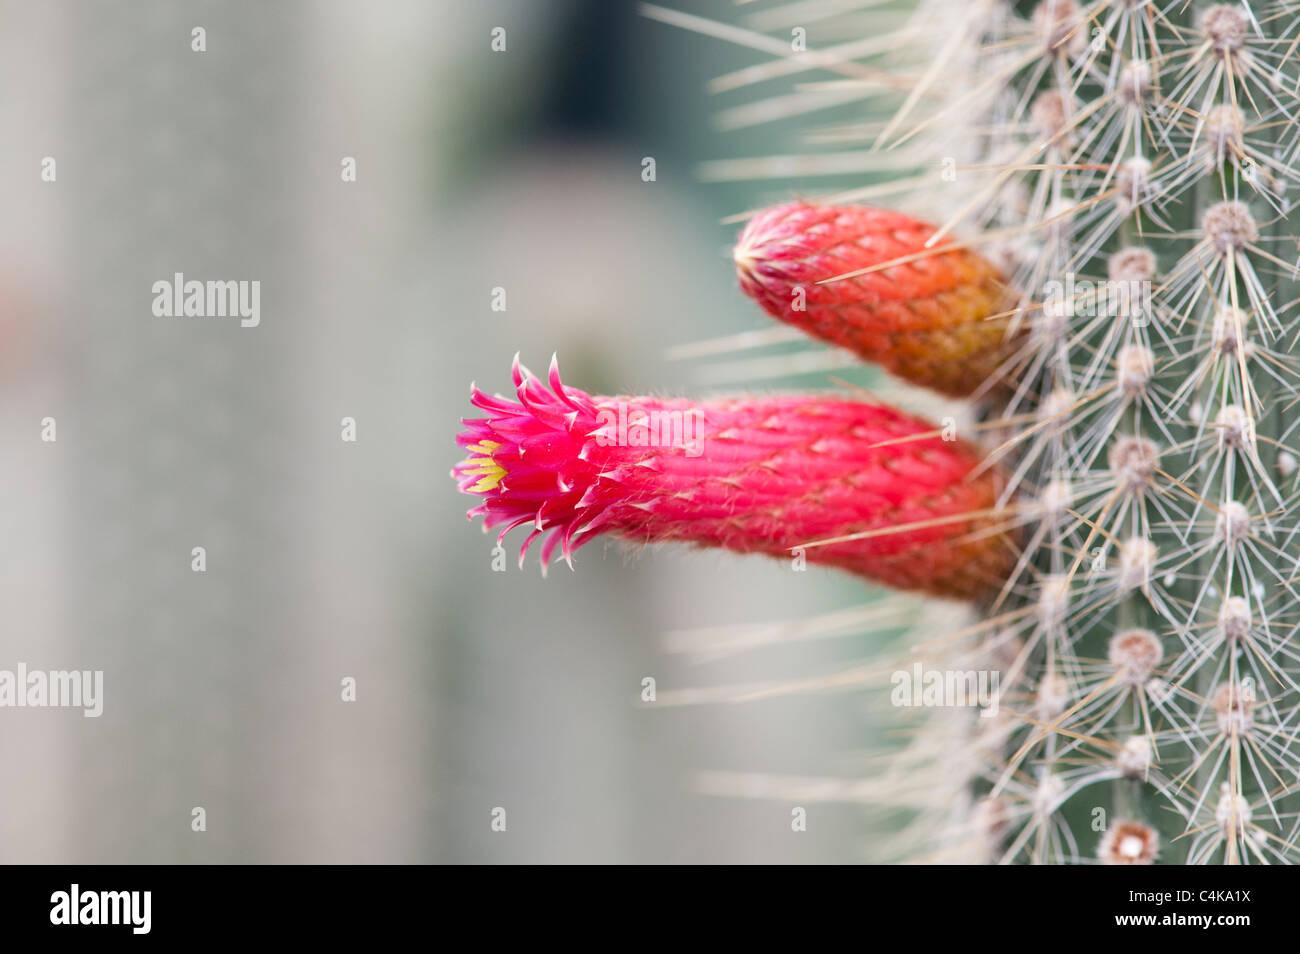 Cleistocactus parviflorus . Flowering Cactus - Stock Image